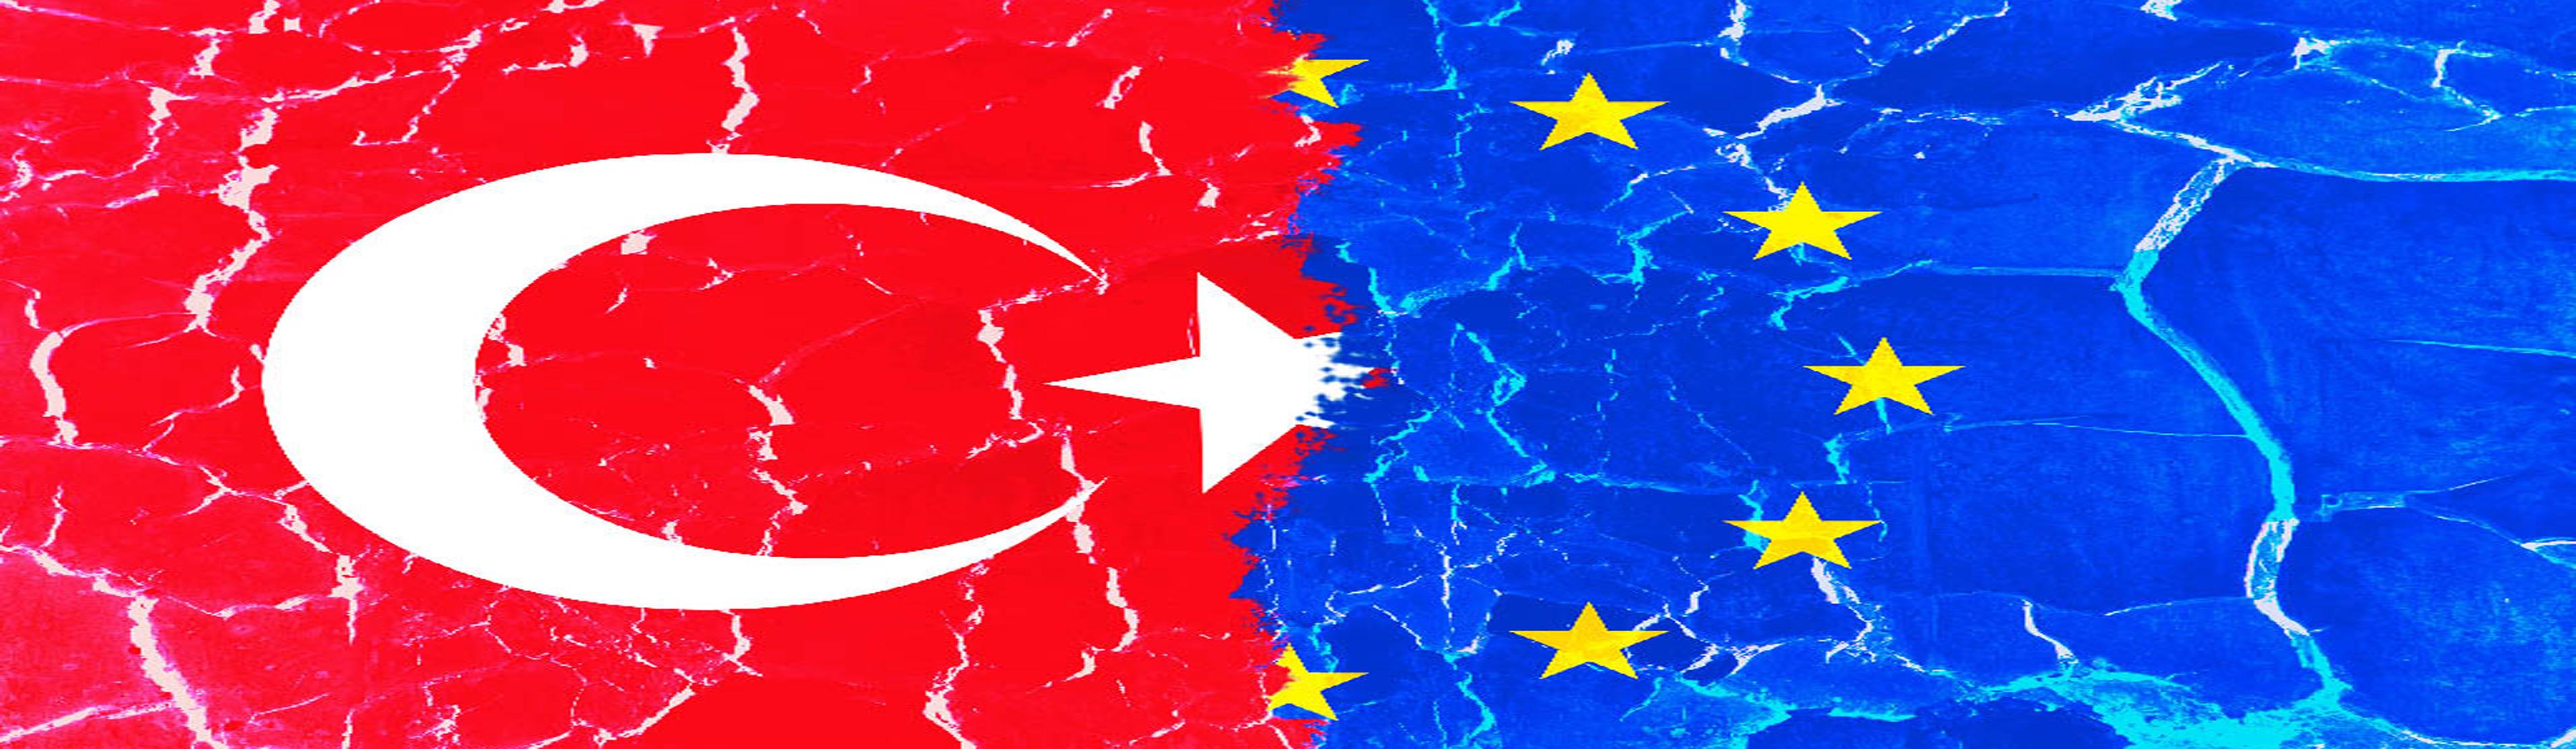 EU-#Turkey: anatomy of a difficult relationship - EU Reporter : EU ...